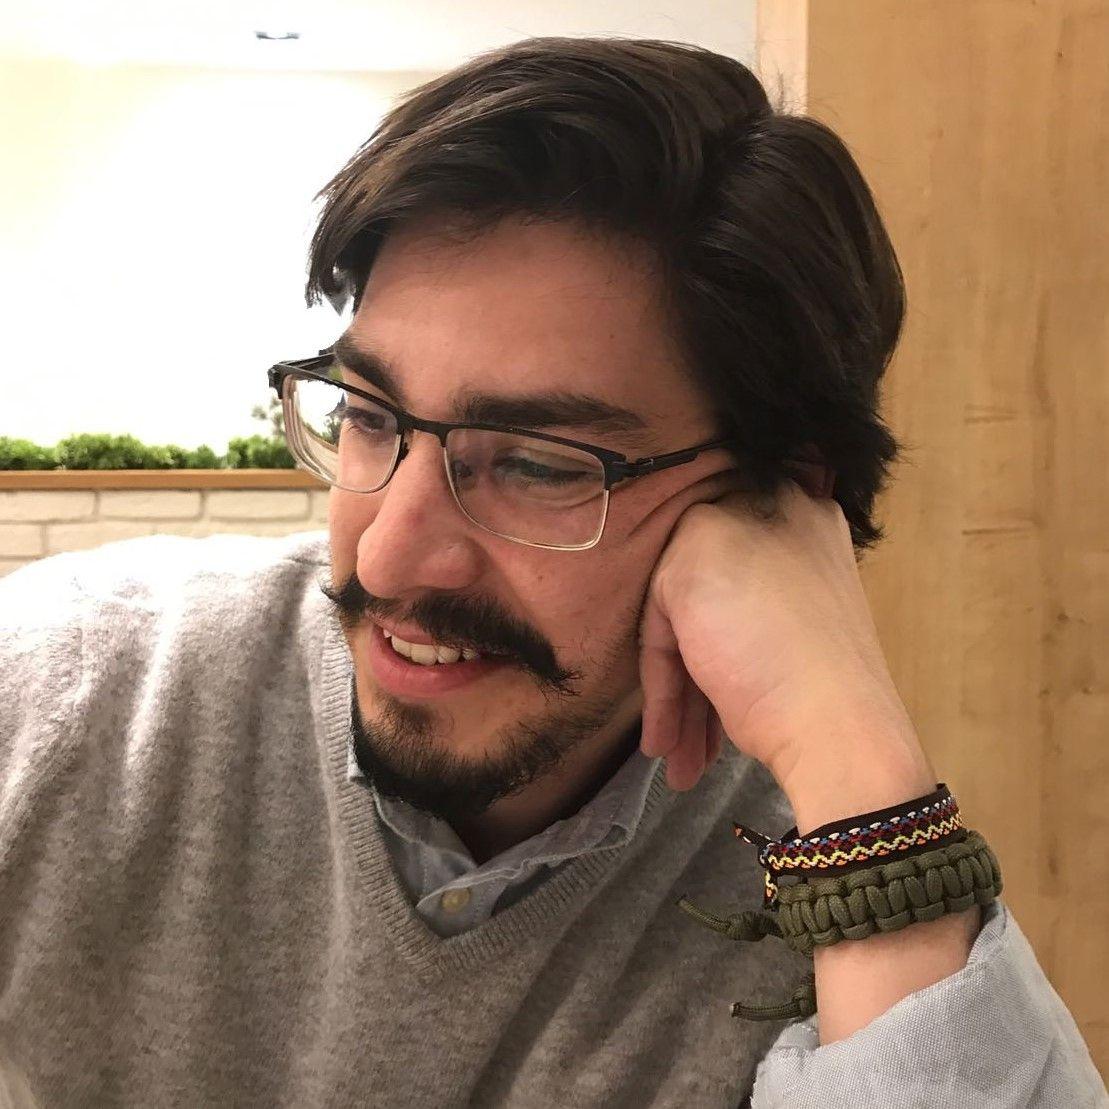 Eric Sanabria